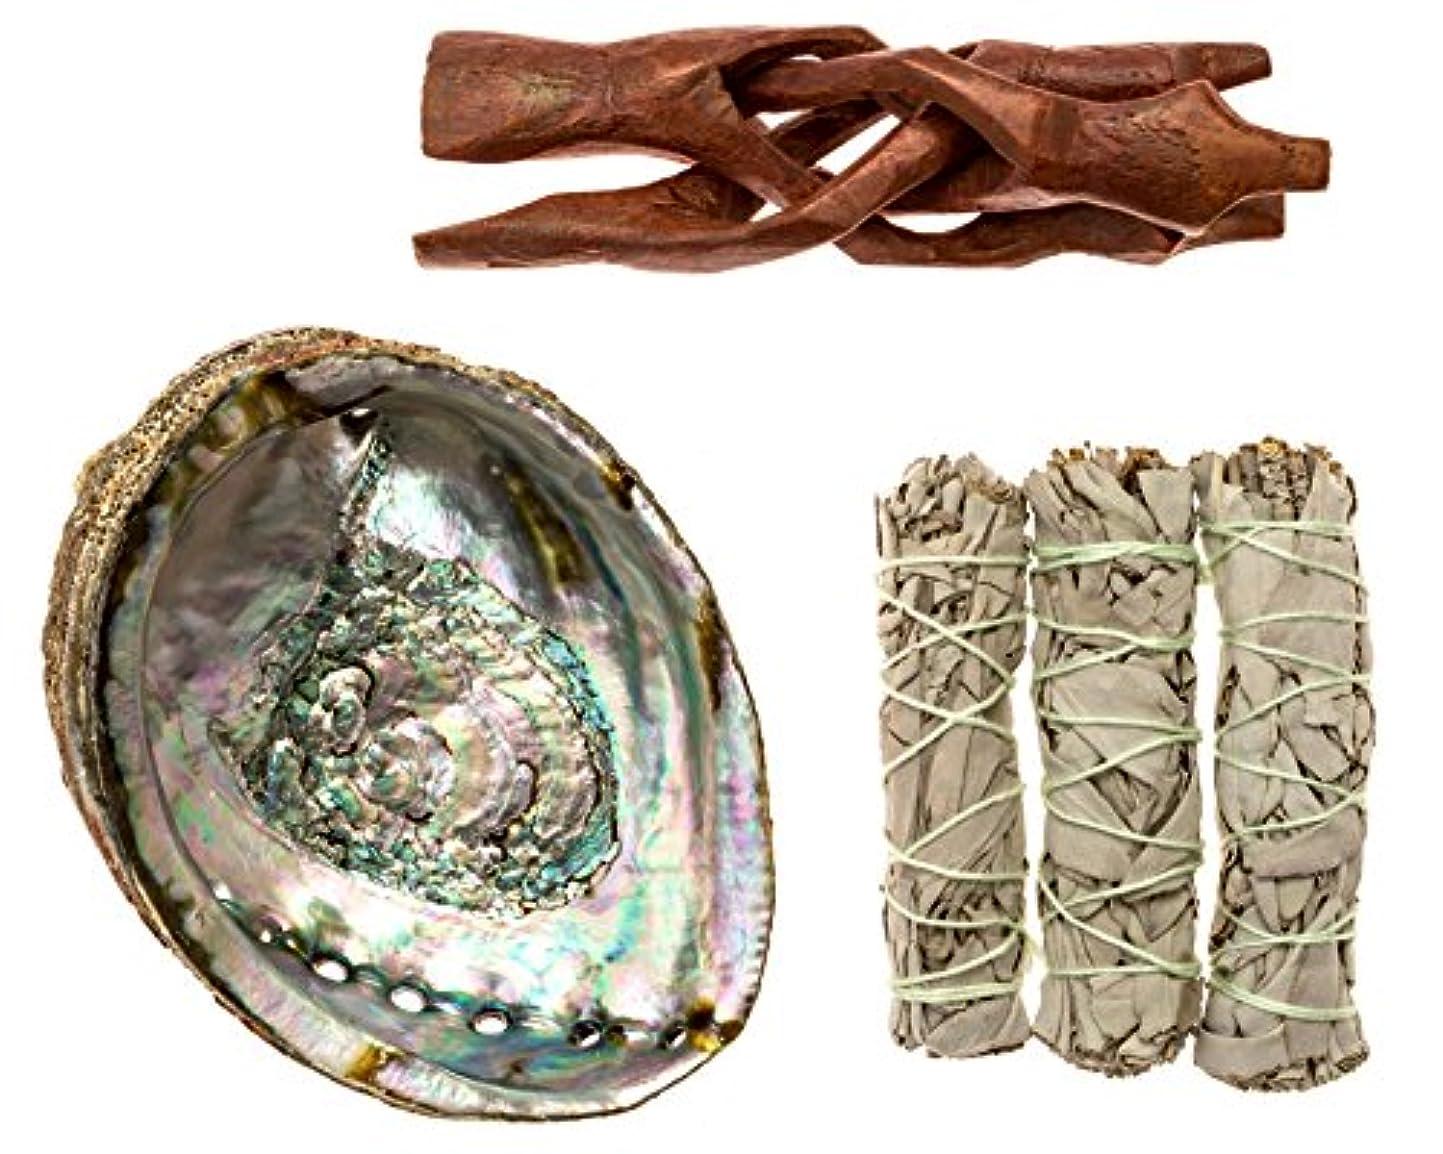 東乗り出す日記Premium Abalone Shell with木製三脚スタンドと3カリフォルニアホワイトセージスマッジSticks for Incense燃焼、Home Fragrance、エネルギーClearing、ヨガ、瞑想。...